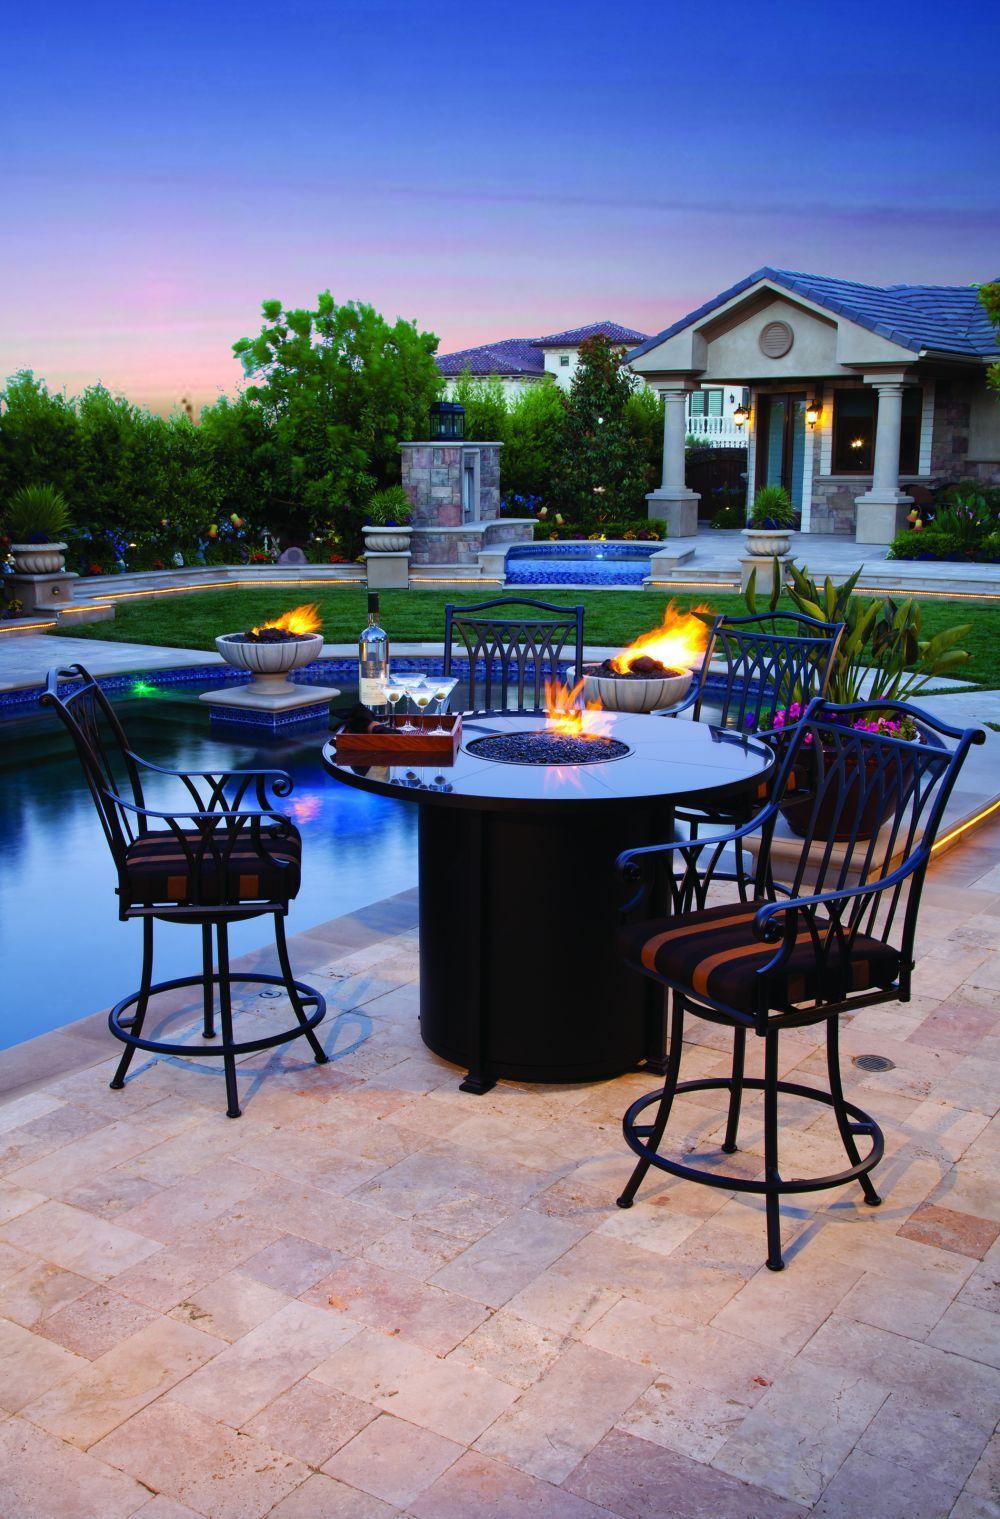 High Quality Patio Furniture Lexington, KY | Casual Living U0026 Patio Center